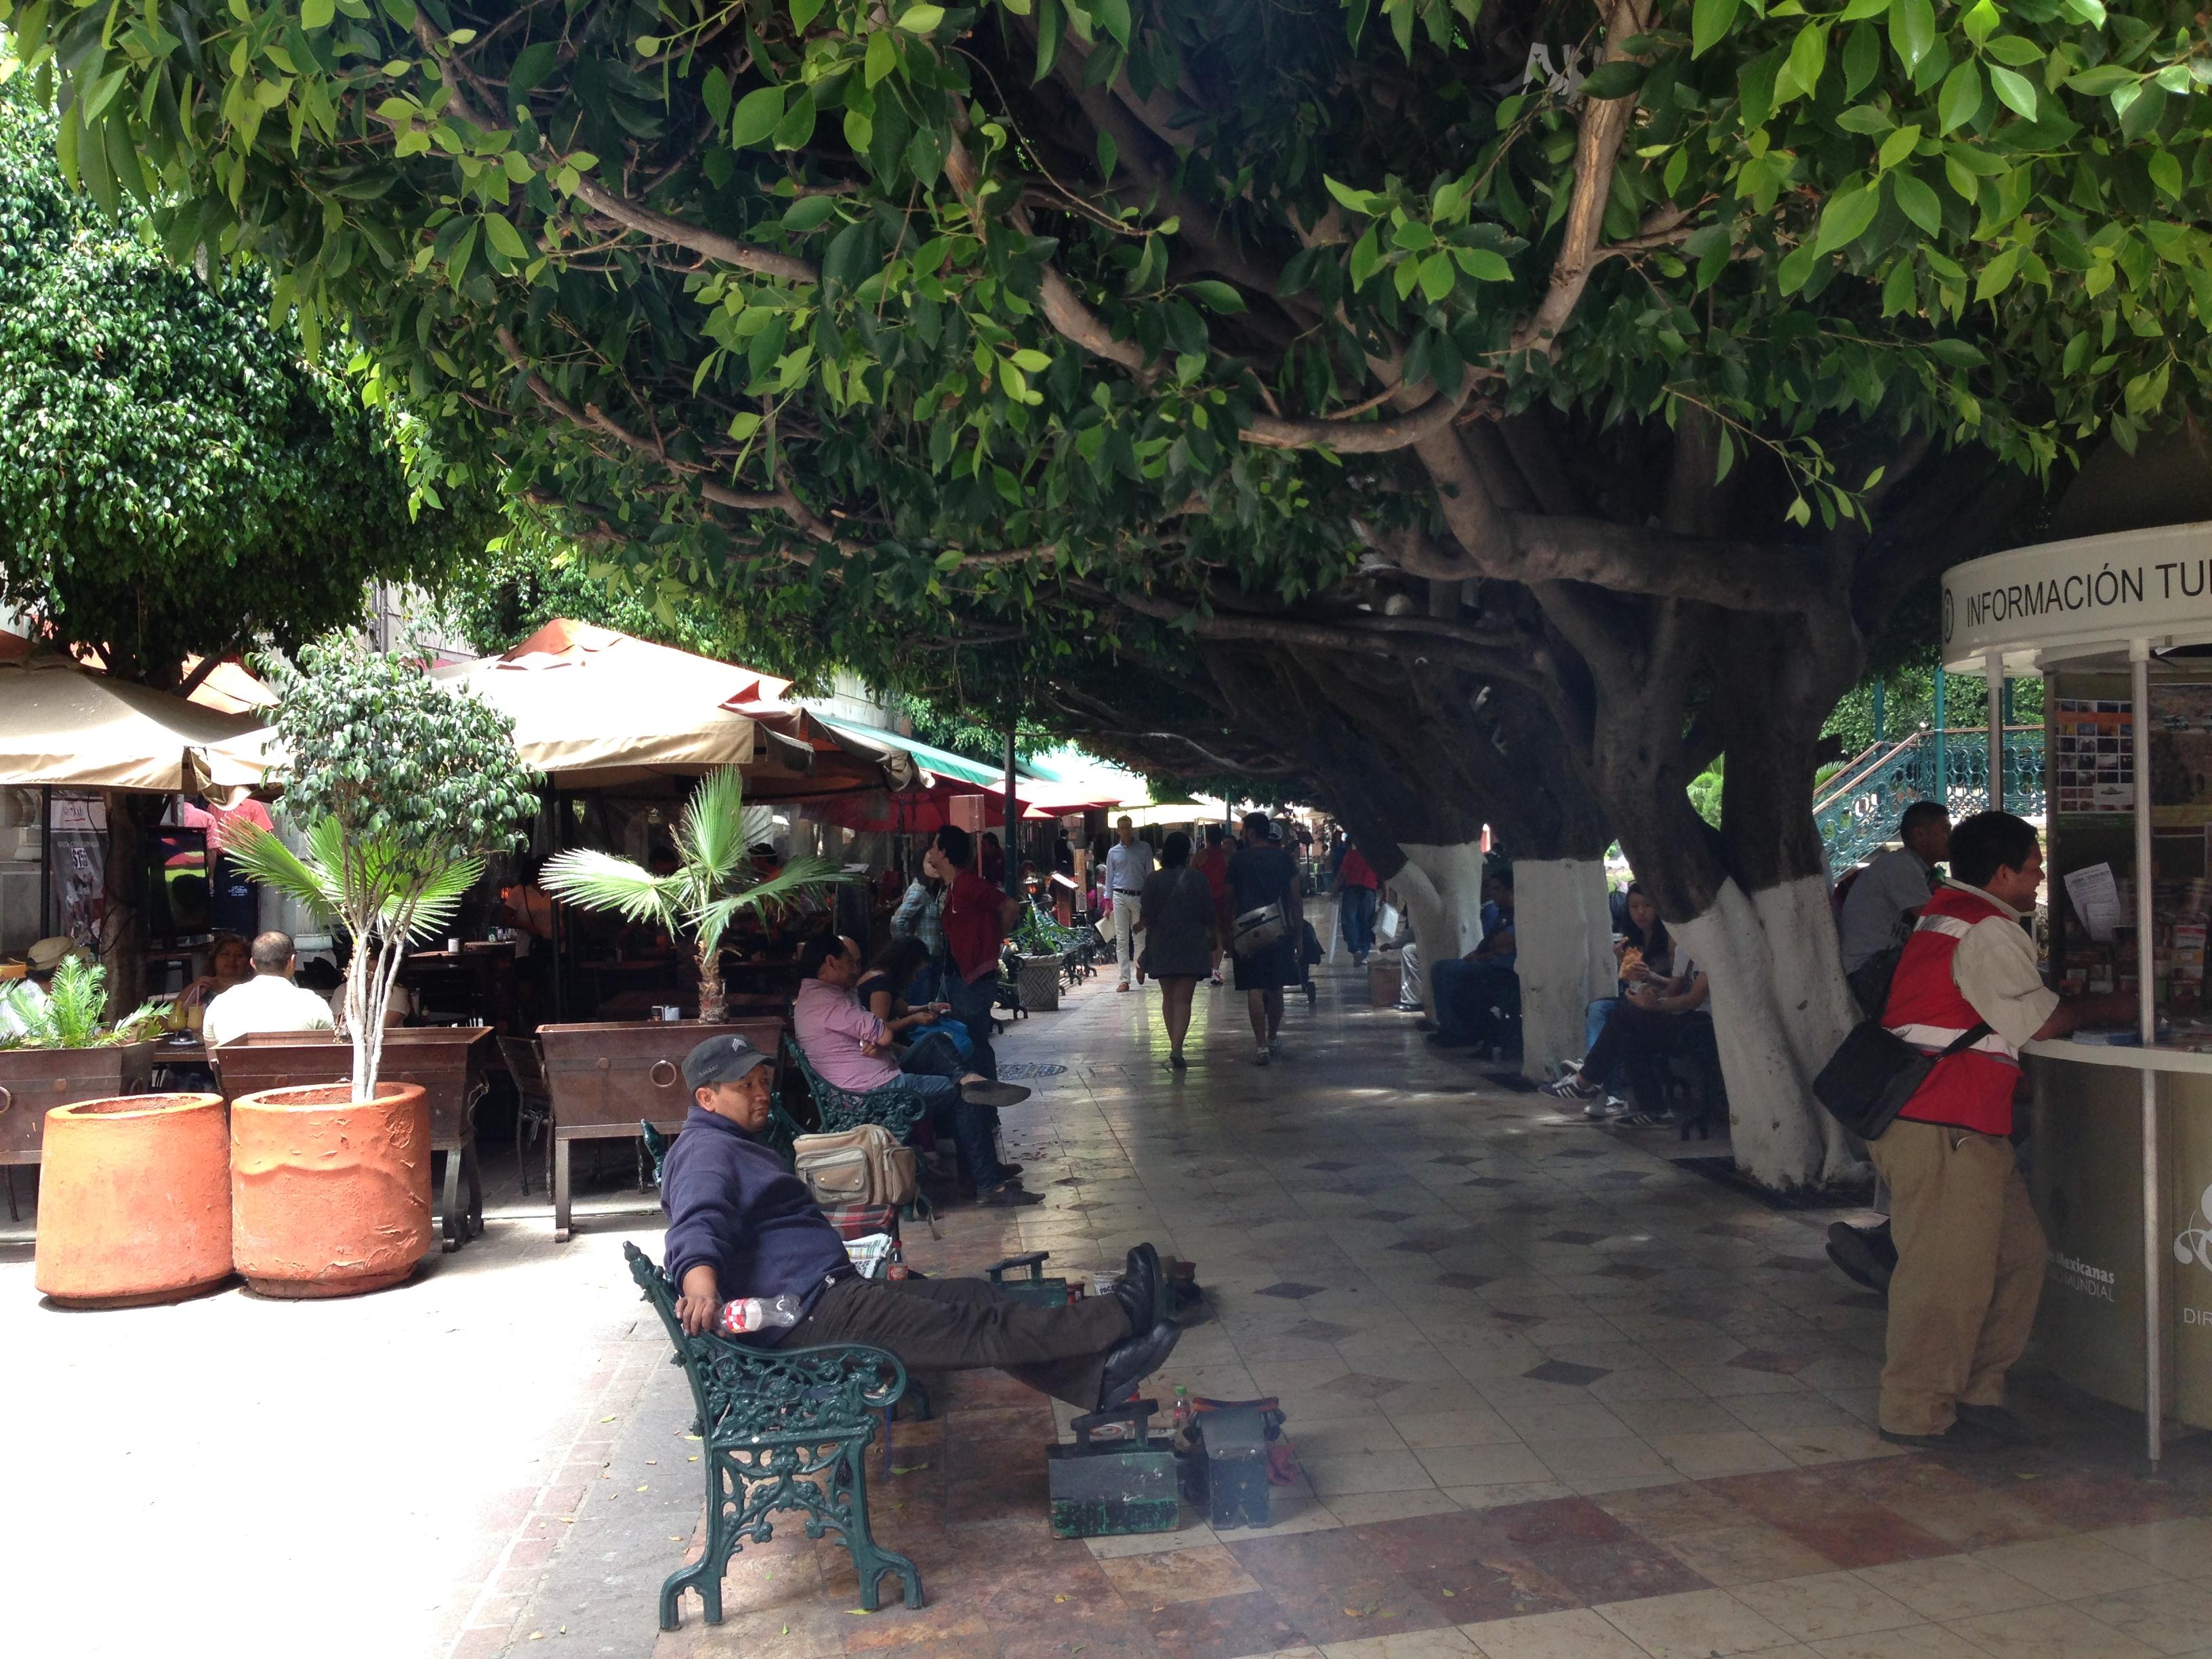 Interior de la Plaza principal de Guanajuato